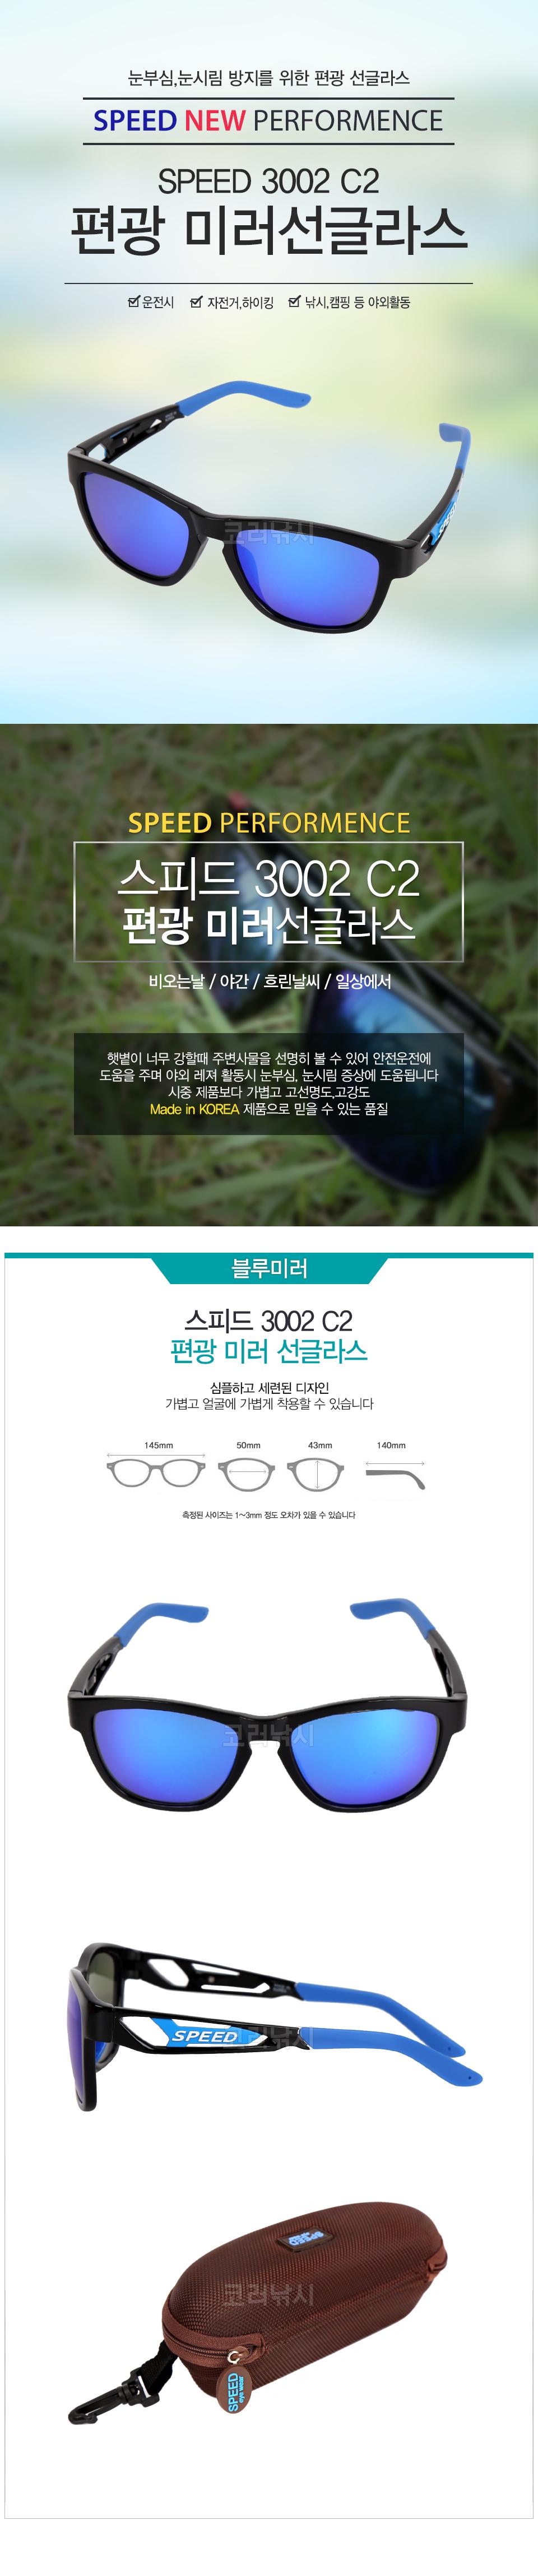 스피드 편광 미러선글라스 3002 C2 (MADE IN KOREA)   스피드썬글라스 SPEED 편광선글라스 미러선글라스